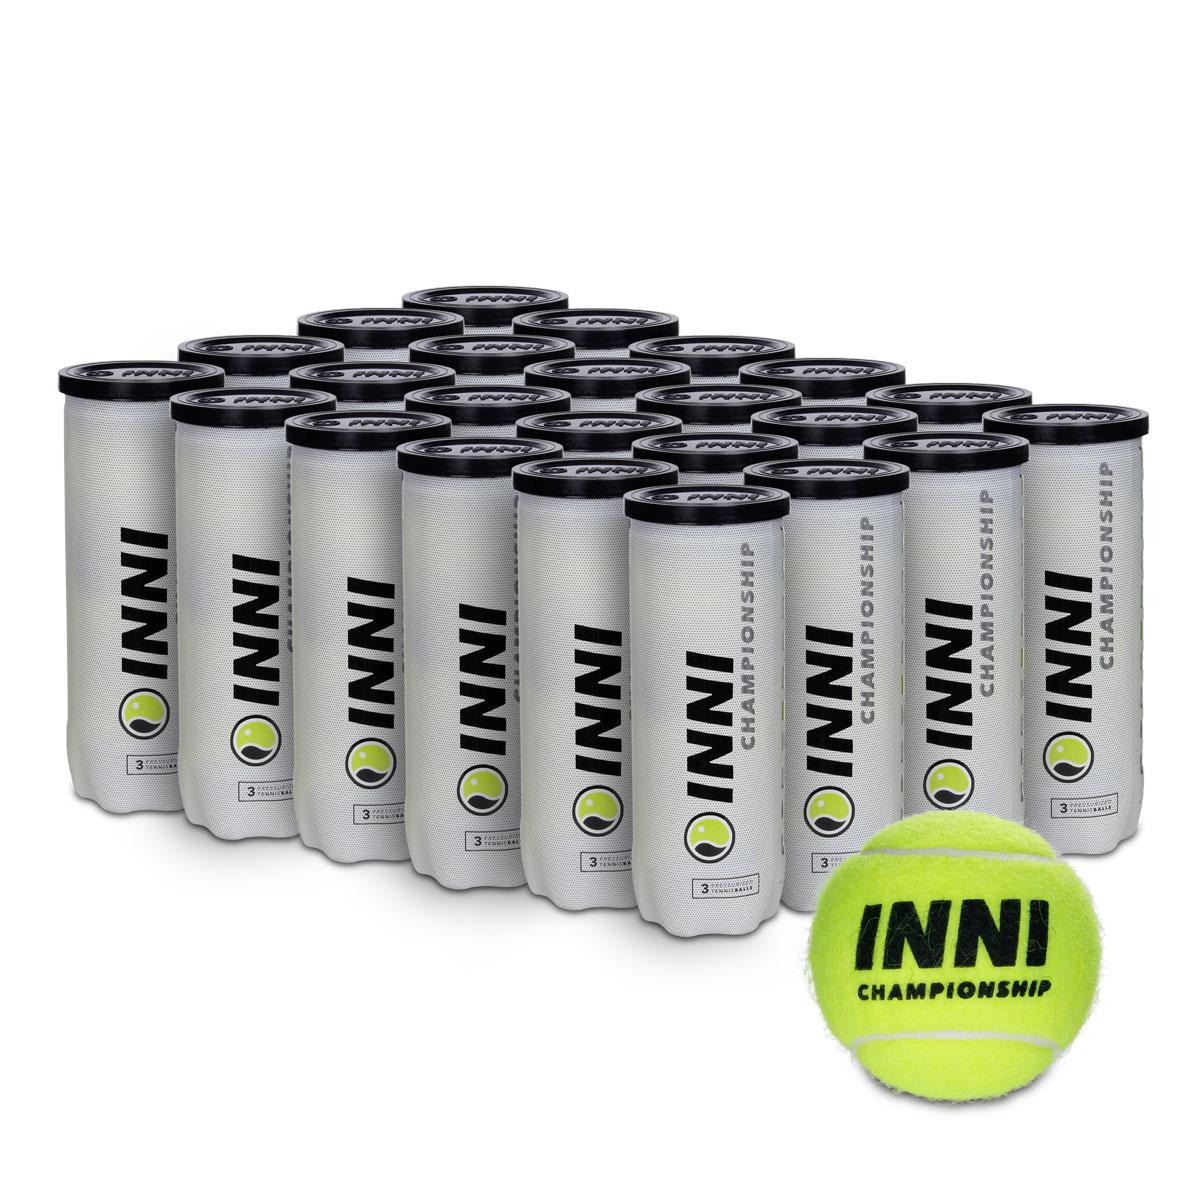 Bola de Tênis Inni Championship - Caixa Com 24 Tubos